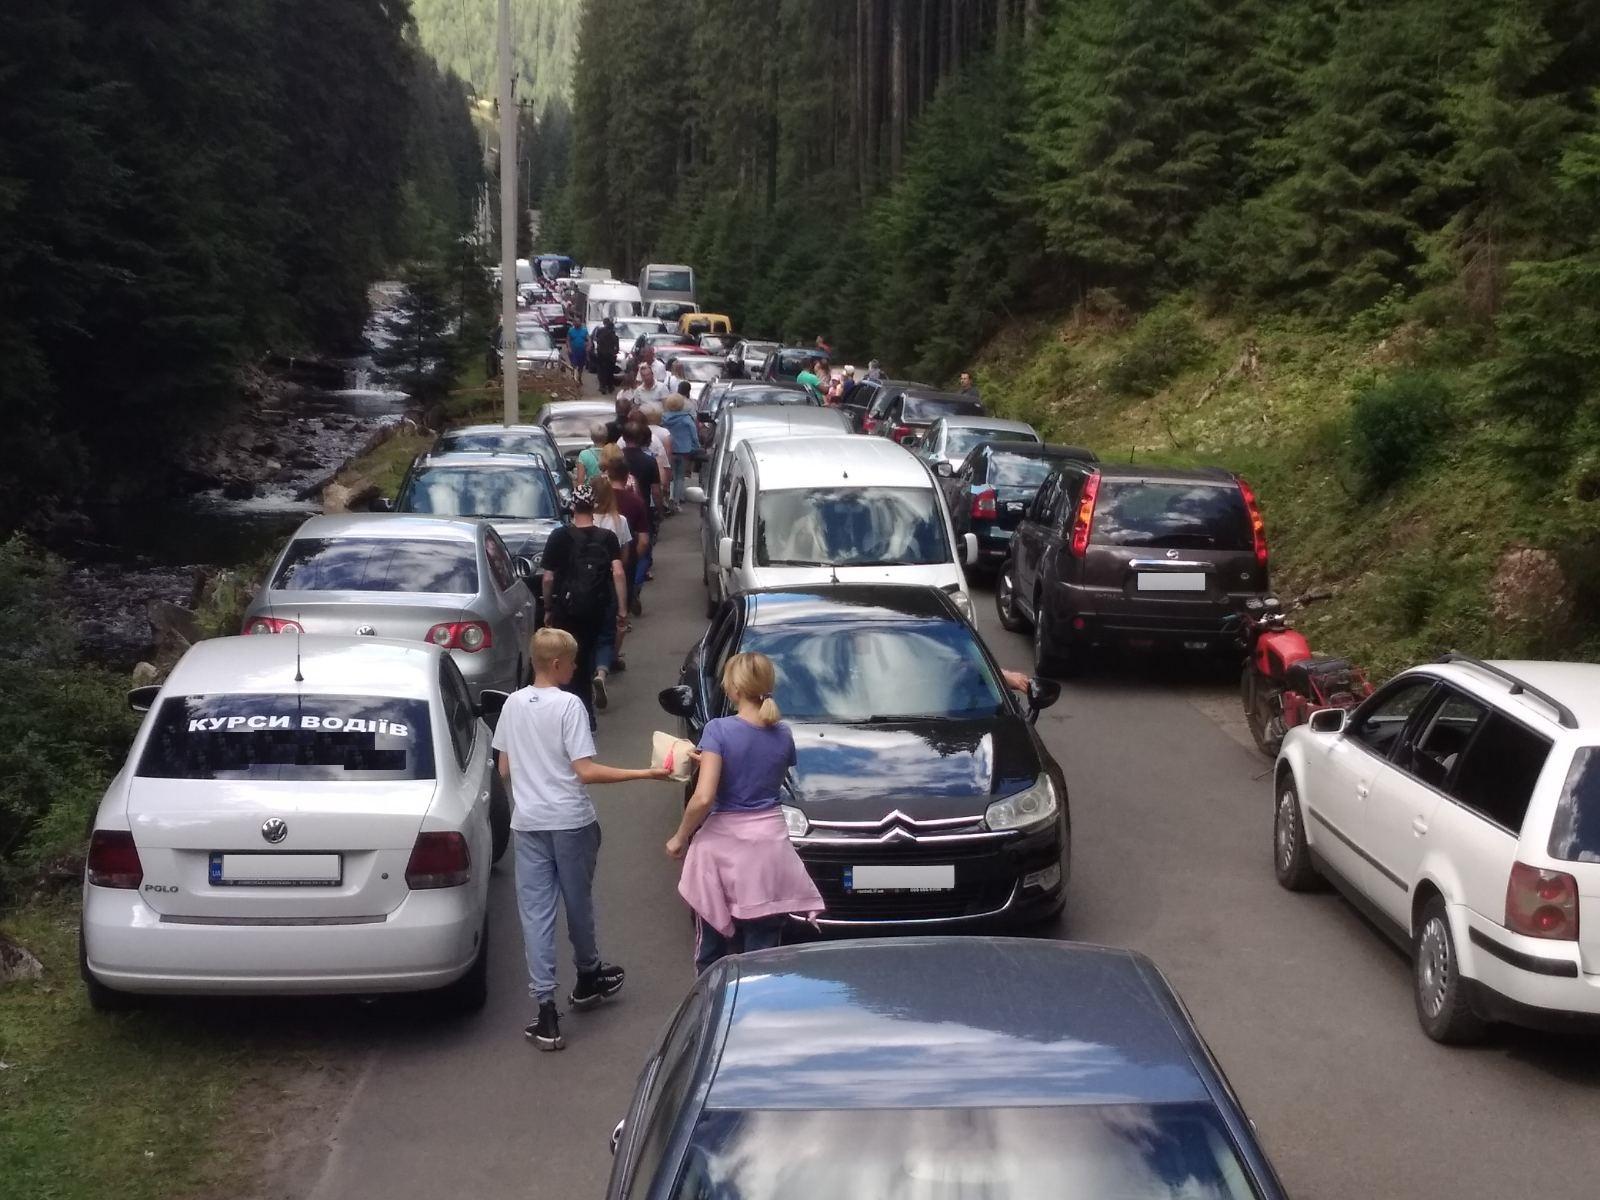 Достопримечательности Карпат утопают в пробках - туризм, Западная Украина, запад Украины - 04 probka